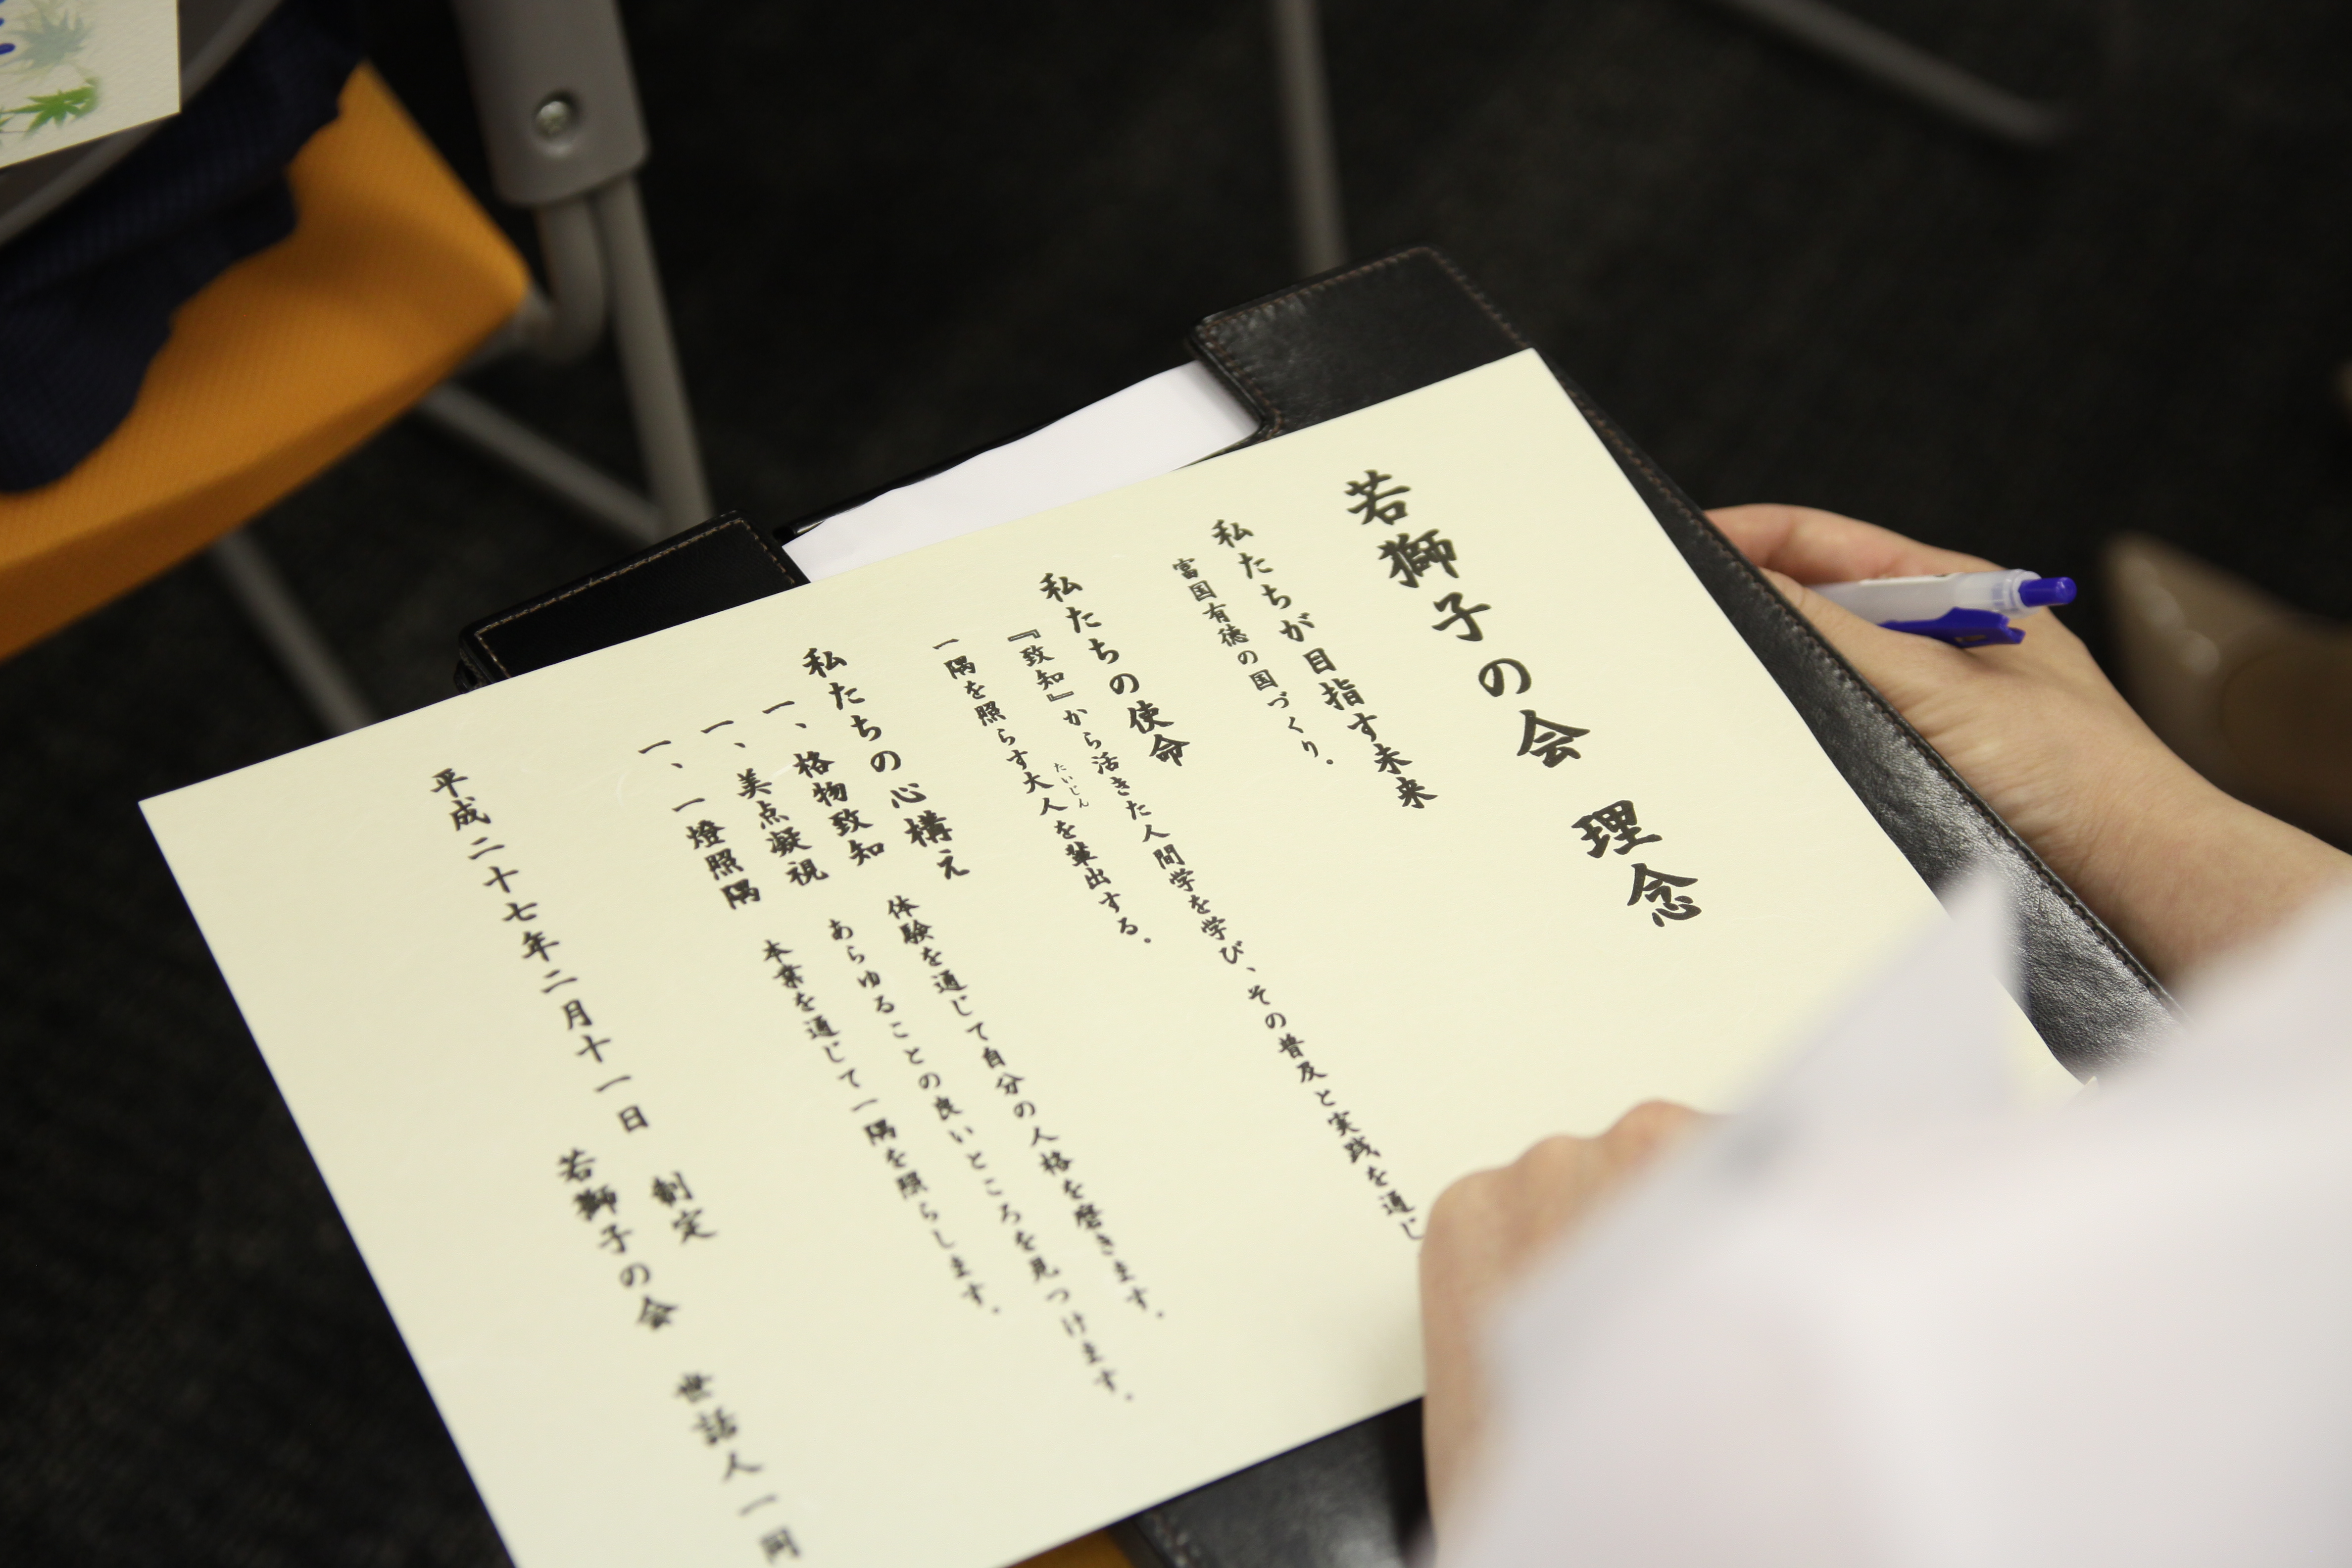 IMG 4582 - 関東若獅子の会、記念すべき第100回